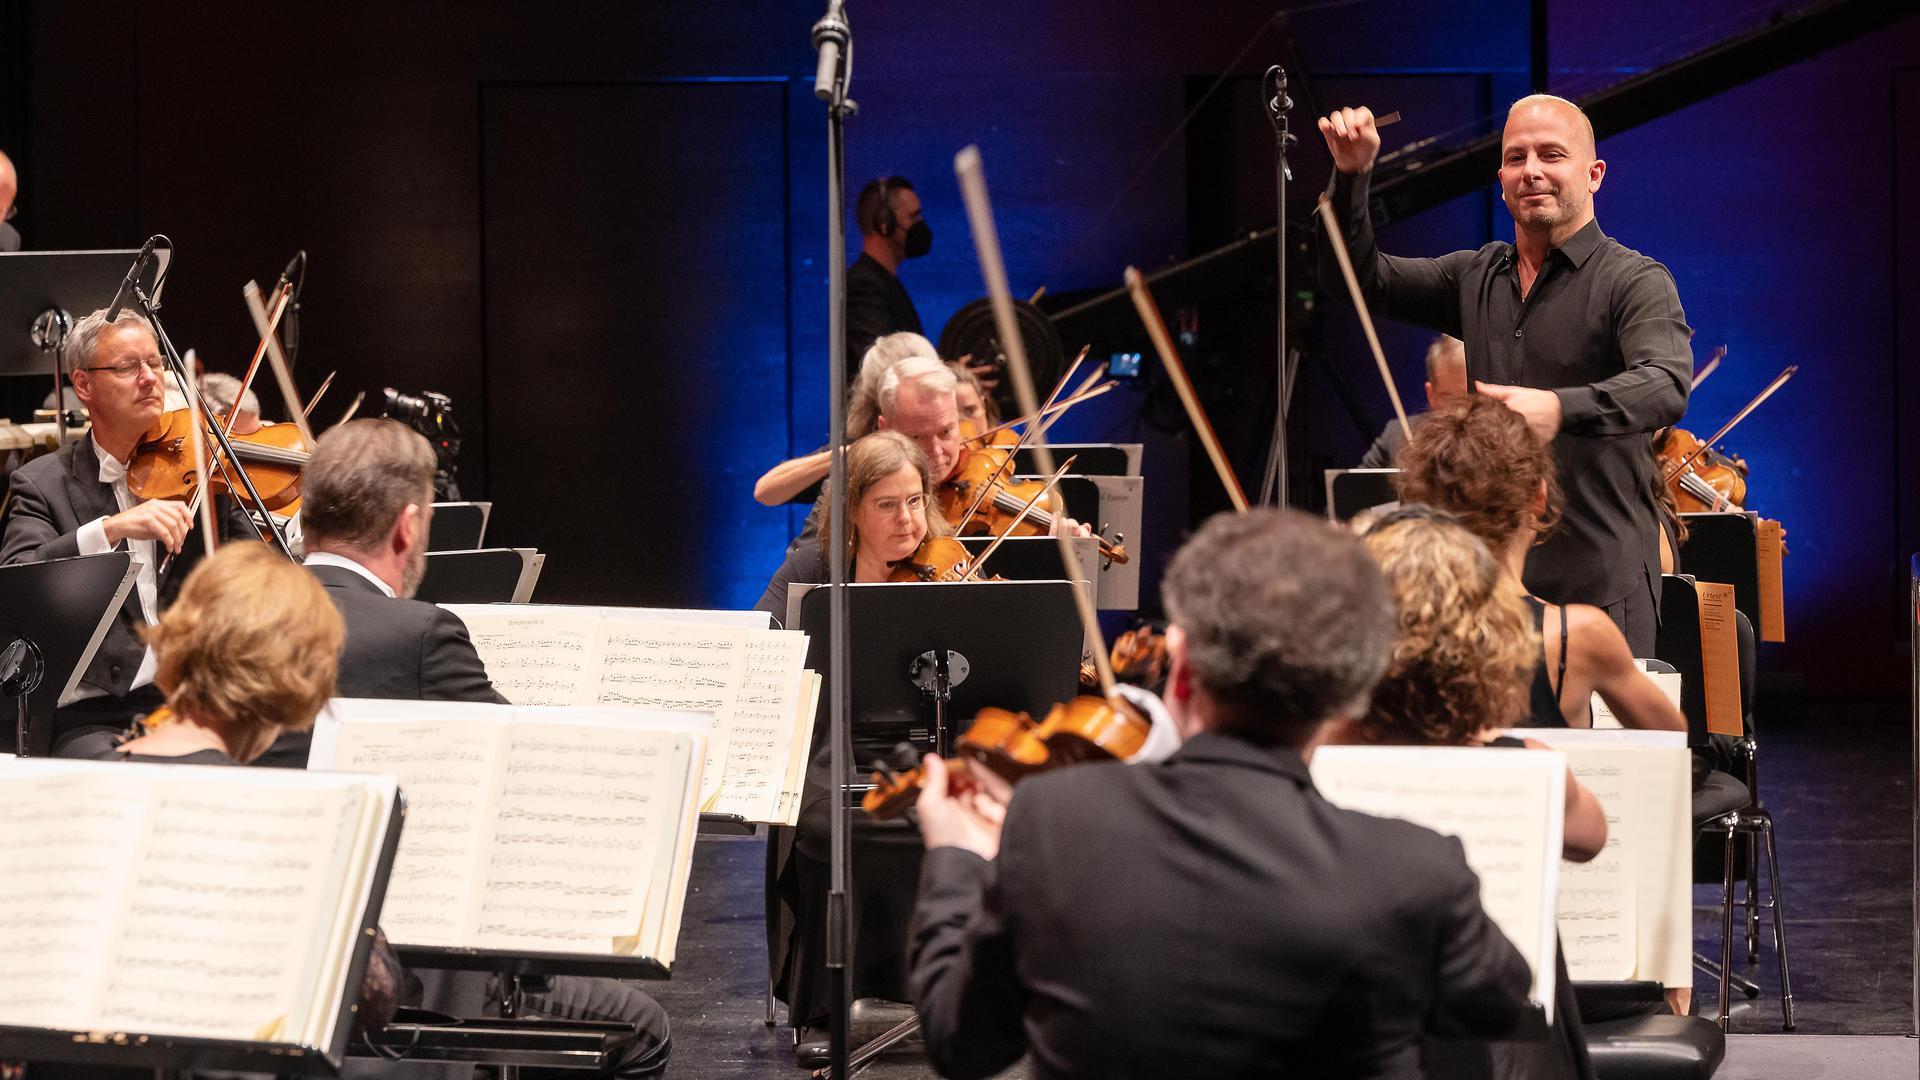 Gelungener Neustart im Festspielhaus Baden-Baden: Yannick Nezet-Seguin präsentierte mit dem Chamber Orchestra of Europe am Freitagabend drei Beethoven-Sinfonien.